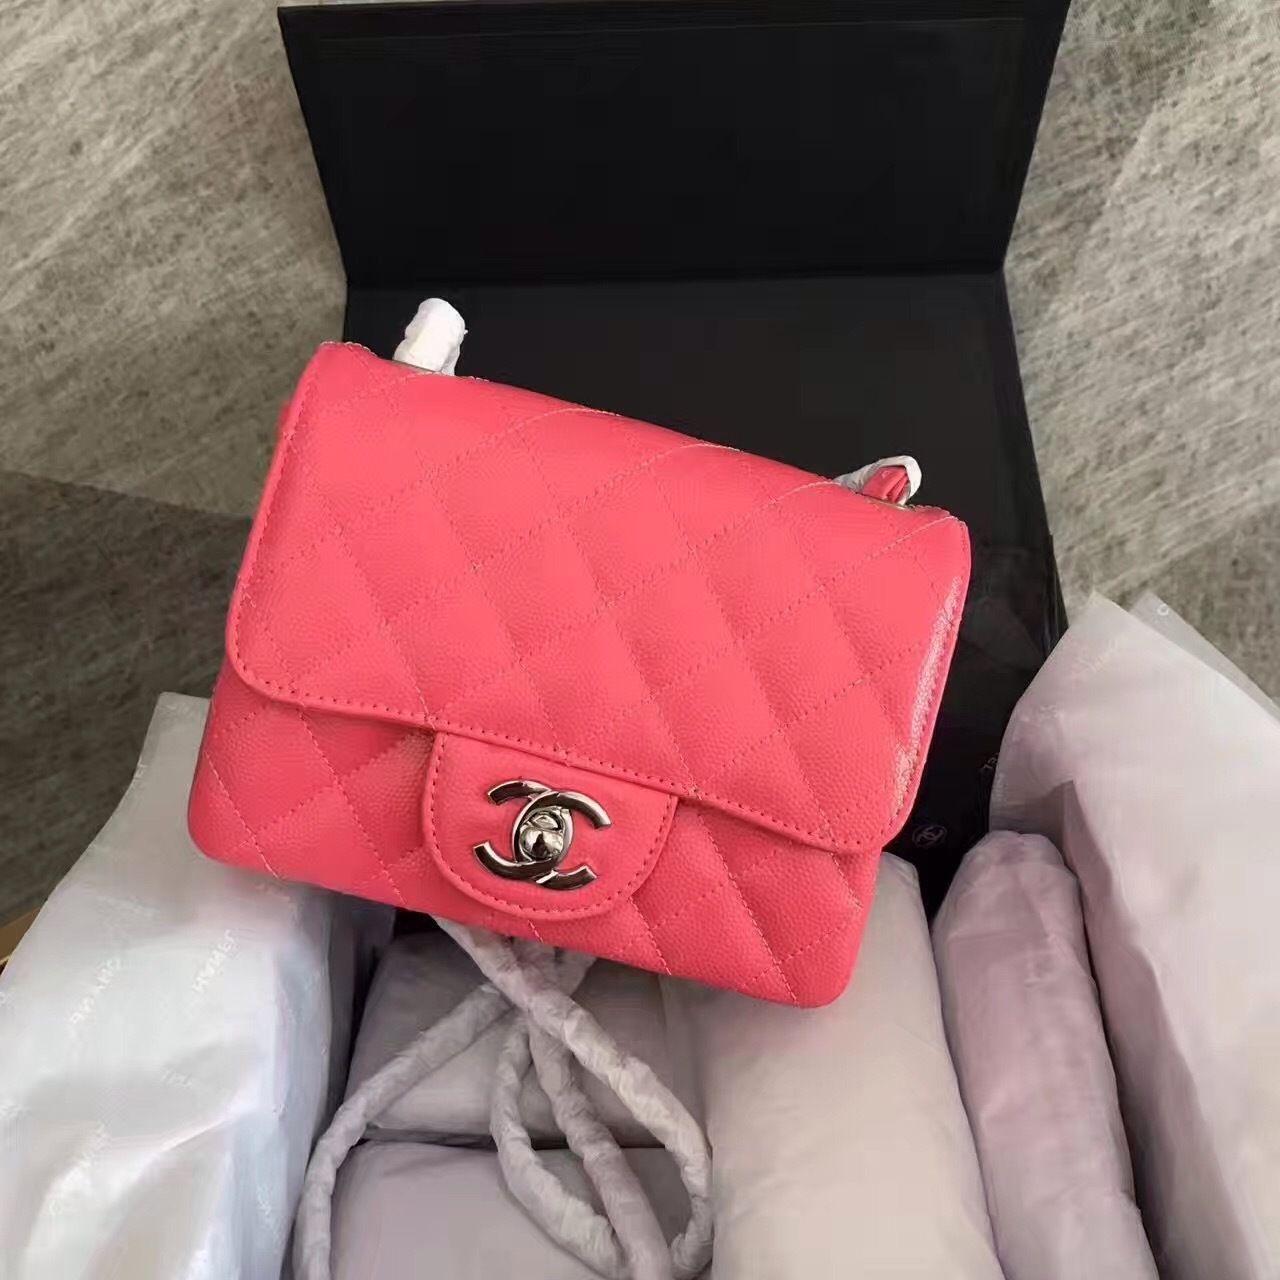 4aa45473d5affe CHANEL Fuchsia Calfskin Mini Square Classic Flap Chain Shoulder Bag with  Silver Hardware - Bella Vita Moda